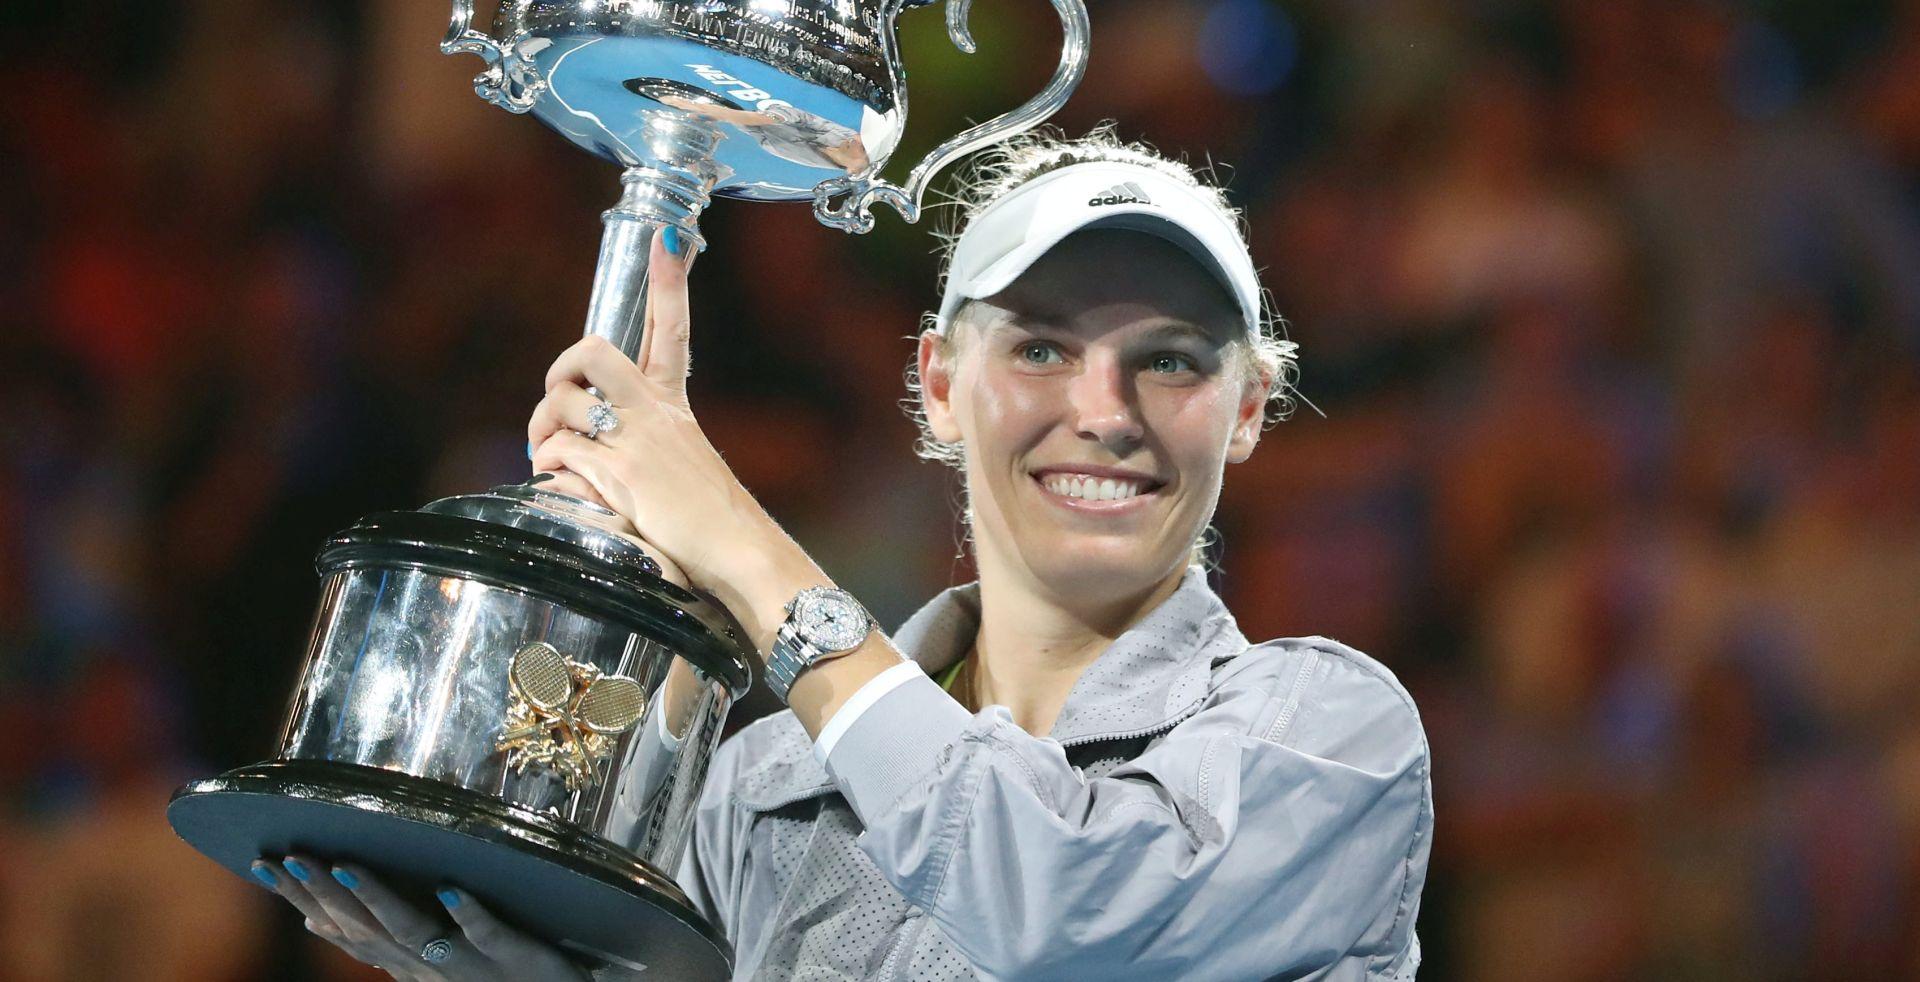 WTA LJESTVICA Wozniacki na vrhu nakon šest godina, Vekić najbolja Hrvatica